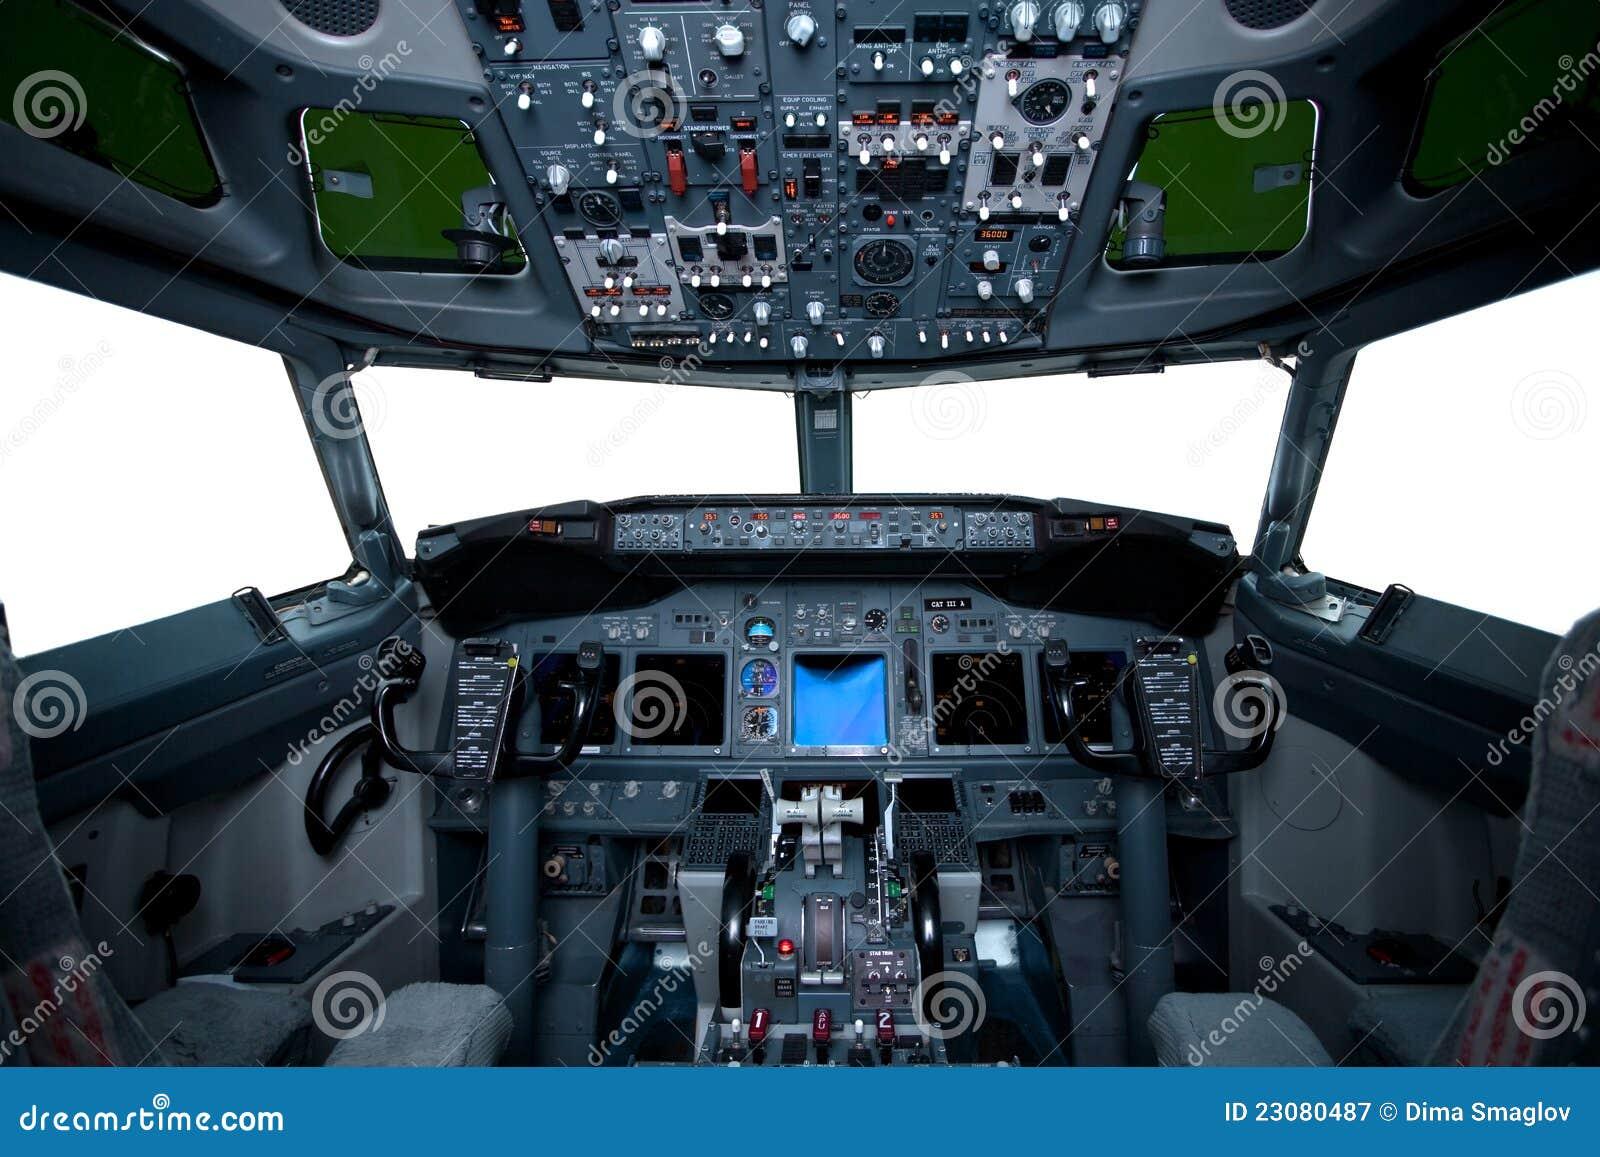 Boeing interior, cockpit view